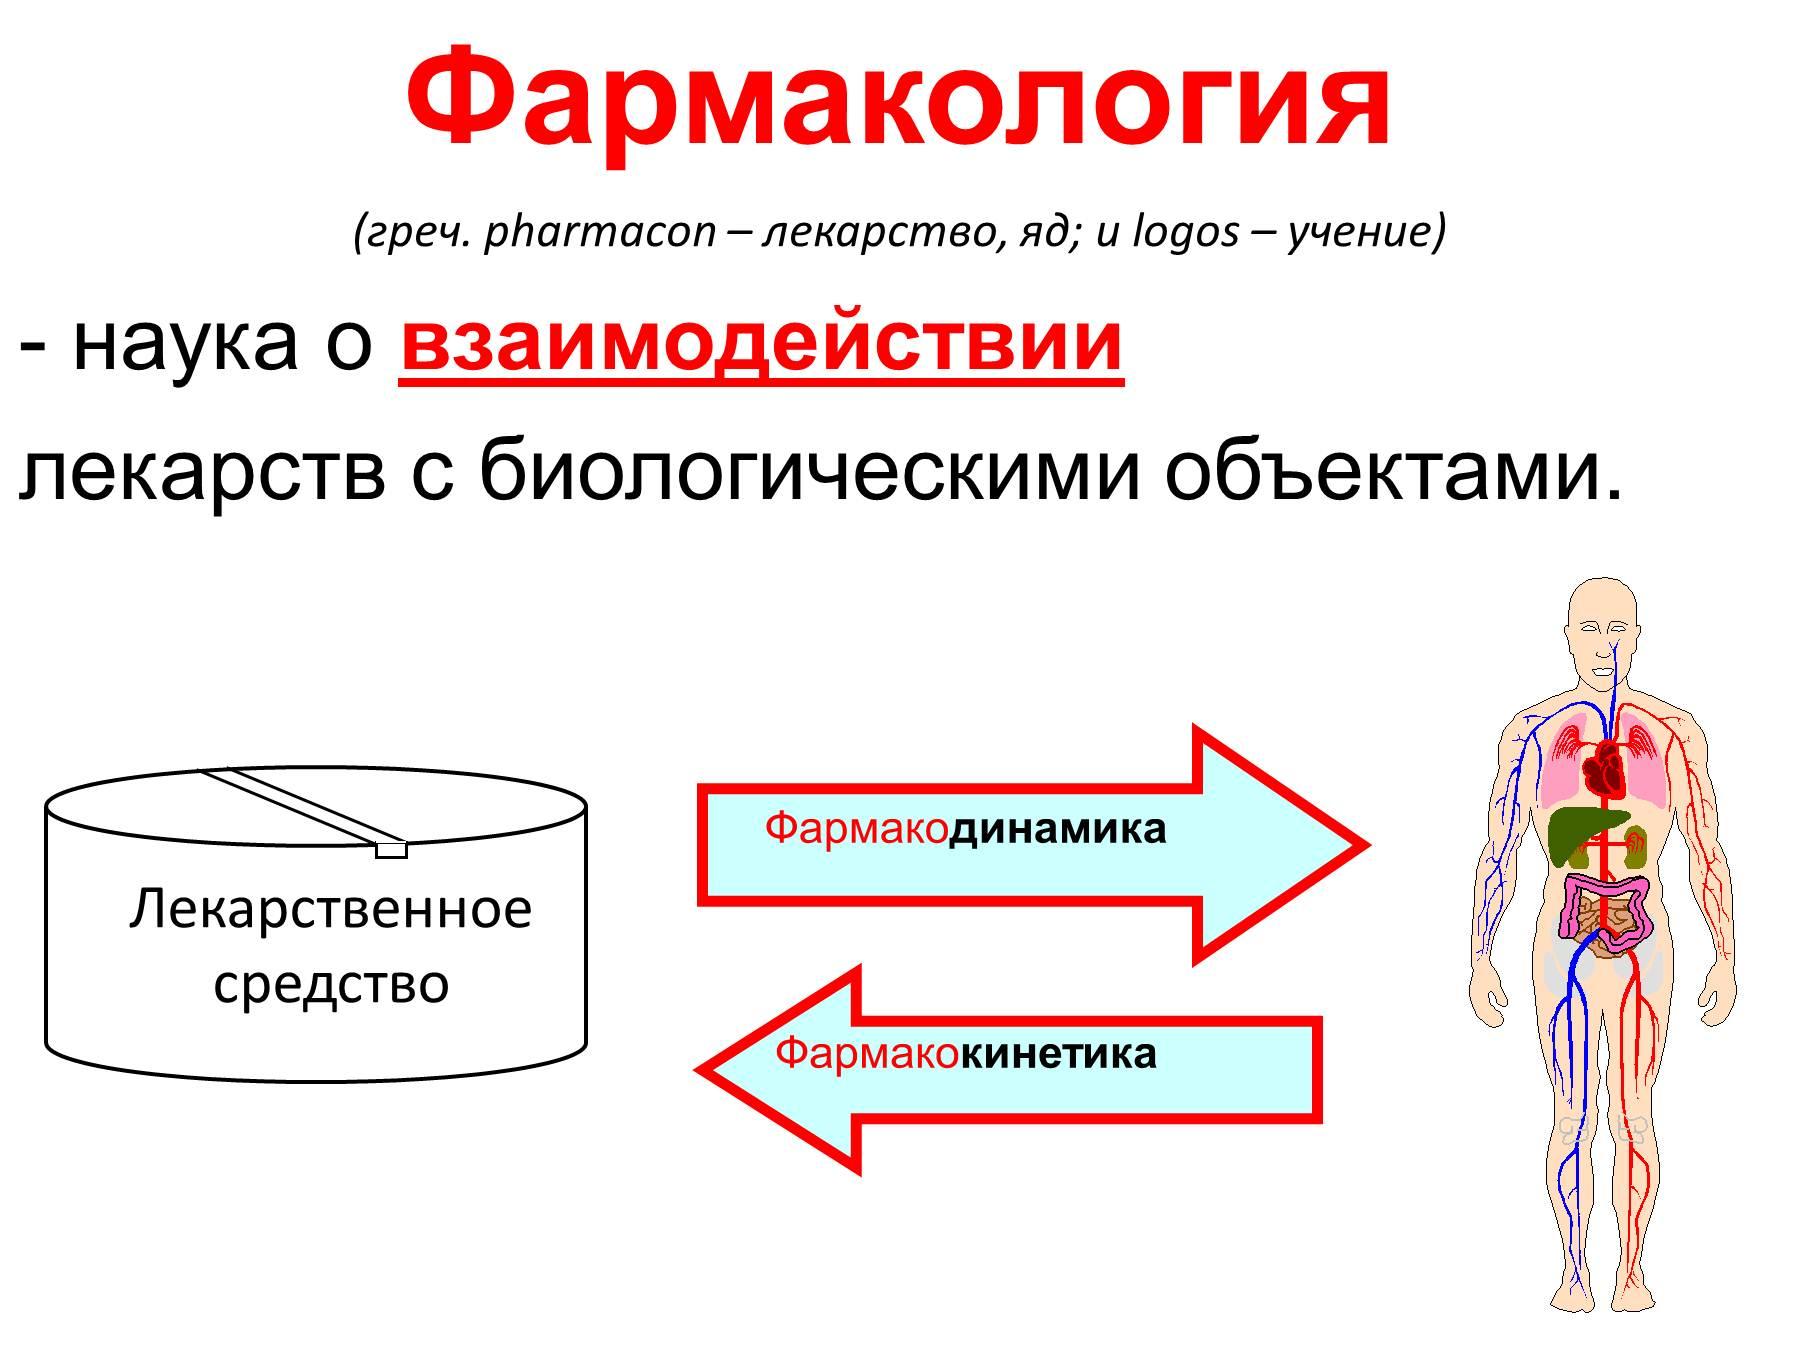 Фармакология в рисунках и схемах